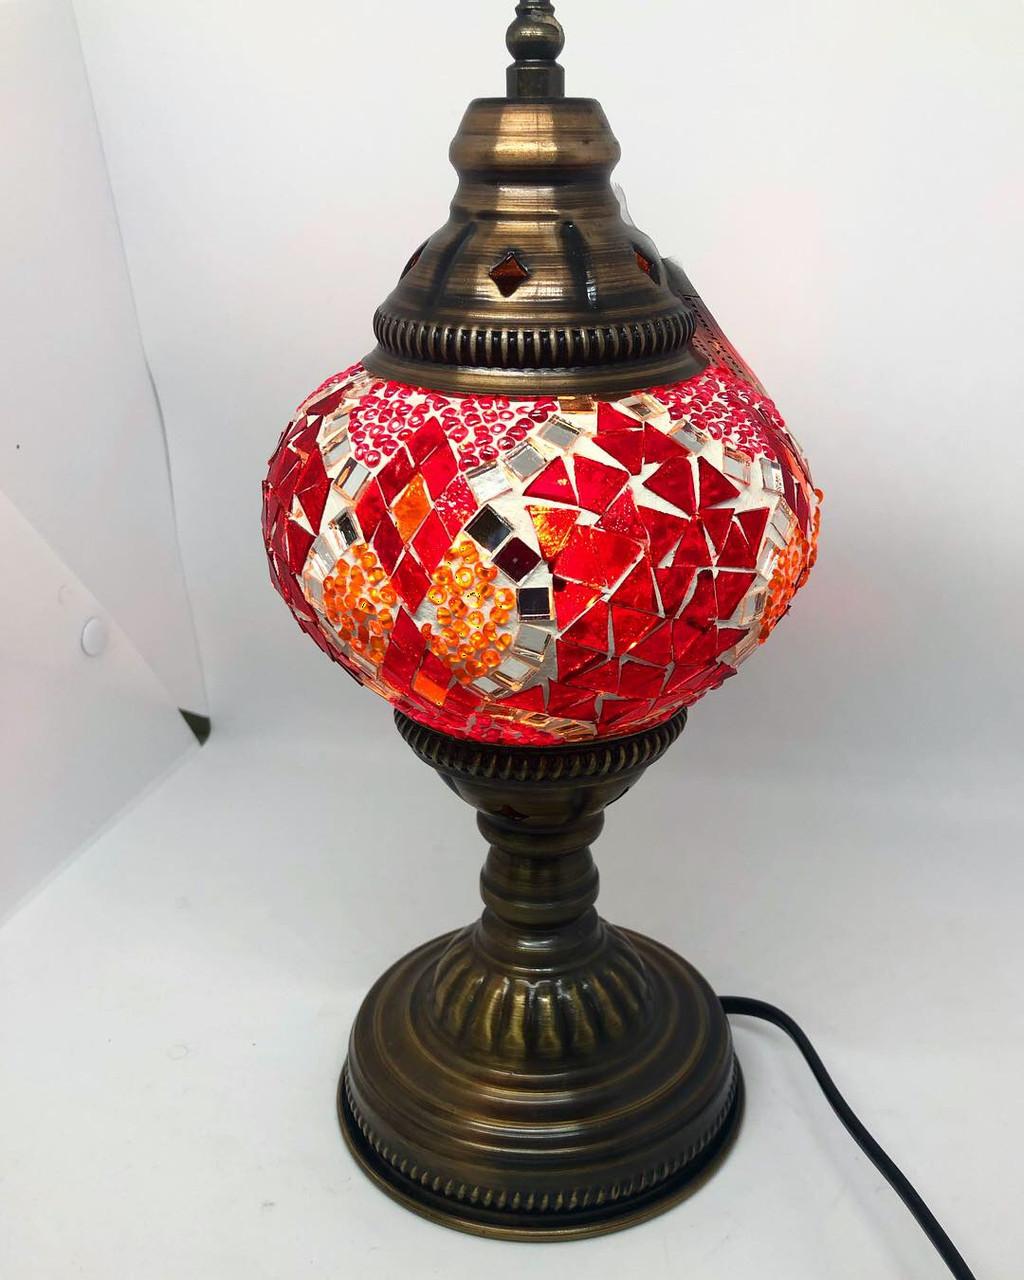 Настольный турецкий светильник Sinan из мозаики ручной работы красный 2